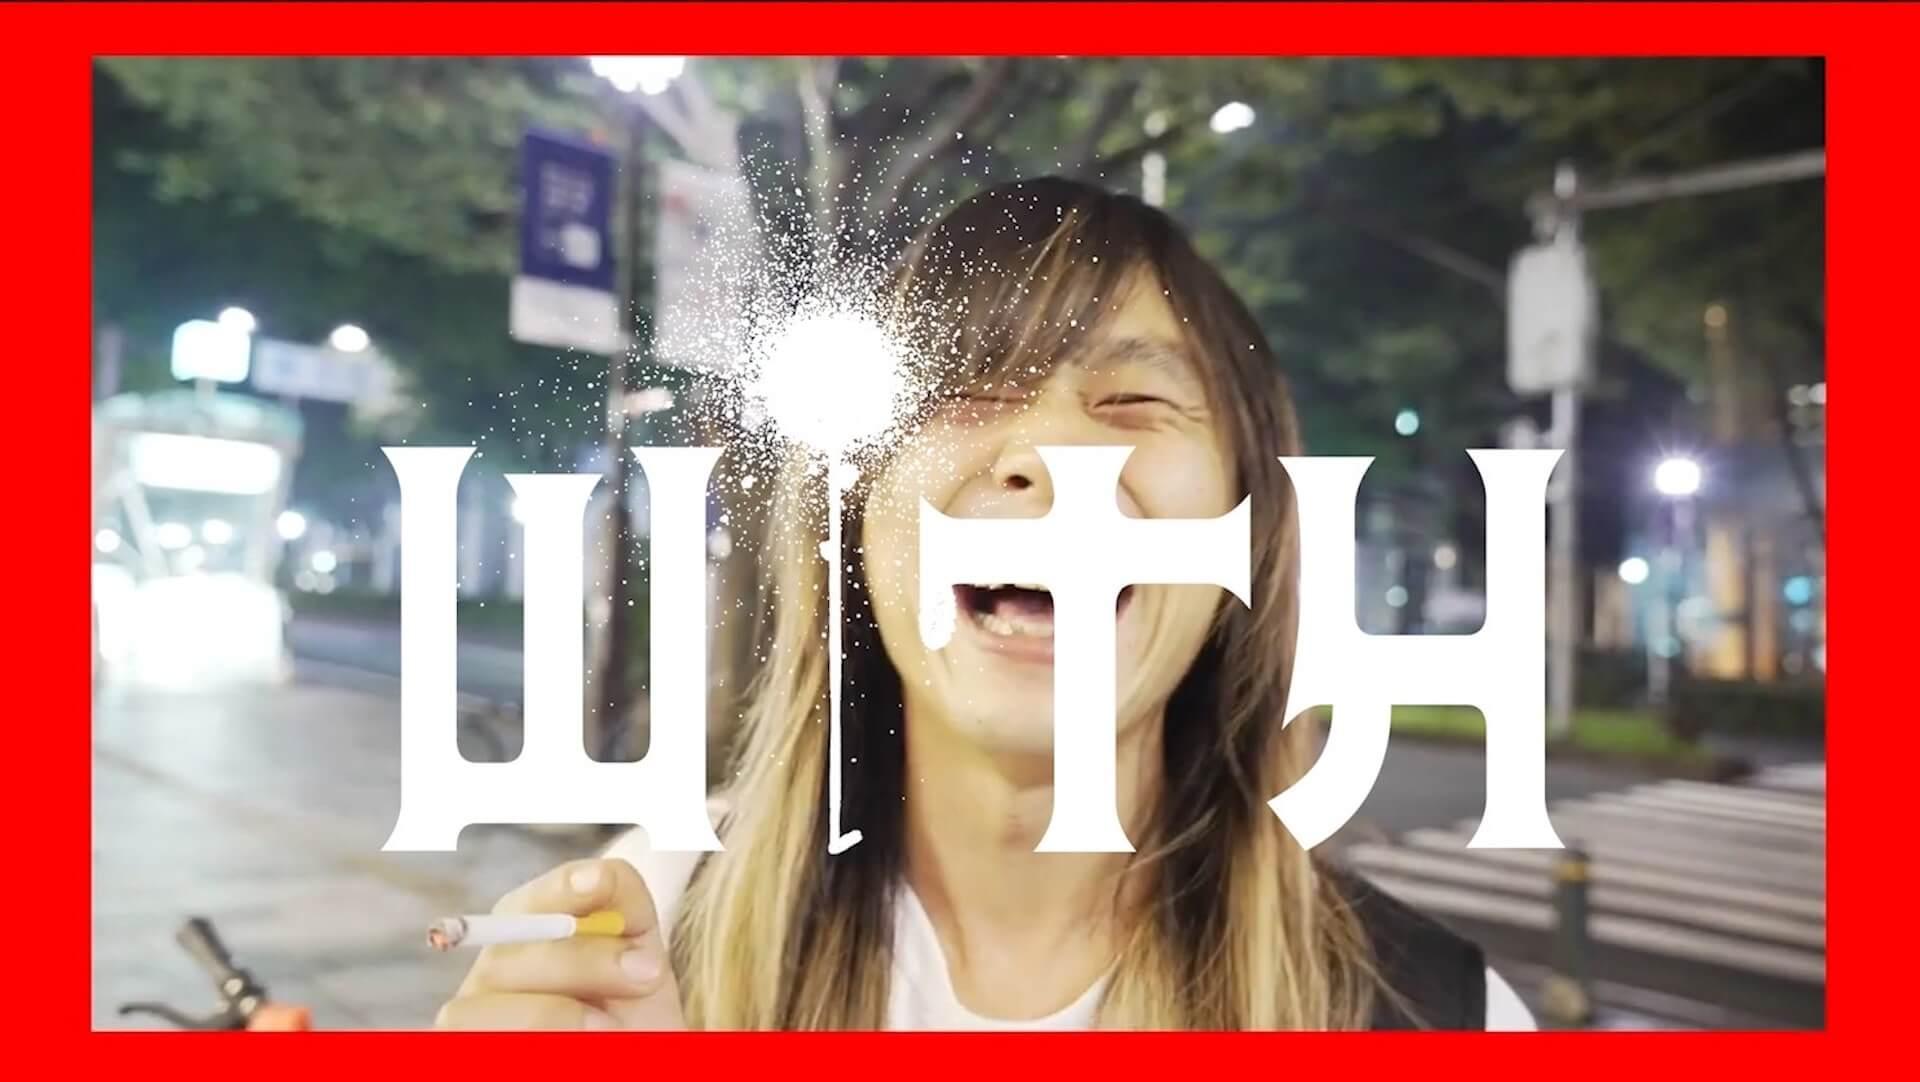 GEZANとマヒト監督の映画『i ai』に迫るドキュメンタリー『#WiTH』が期間限定で公開|森山未來、平体雄二らも参加 film210921_iai_4